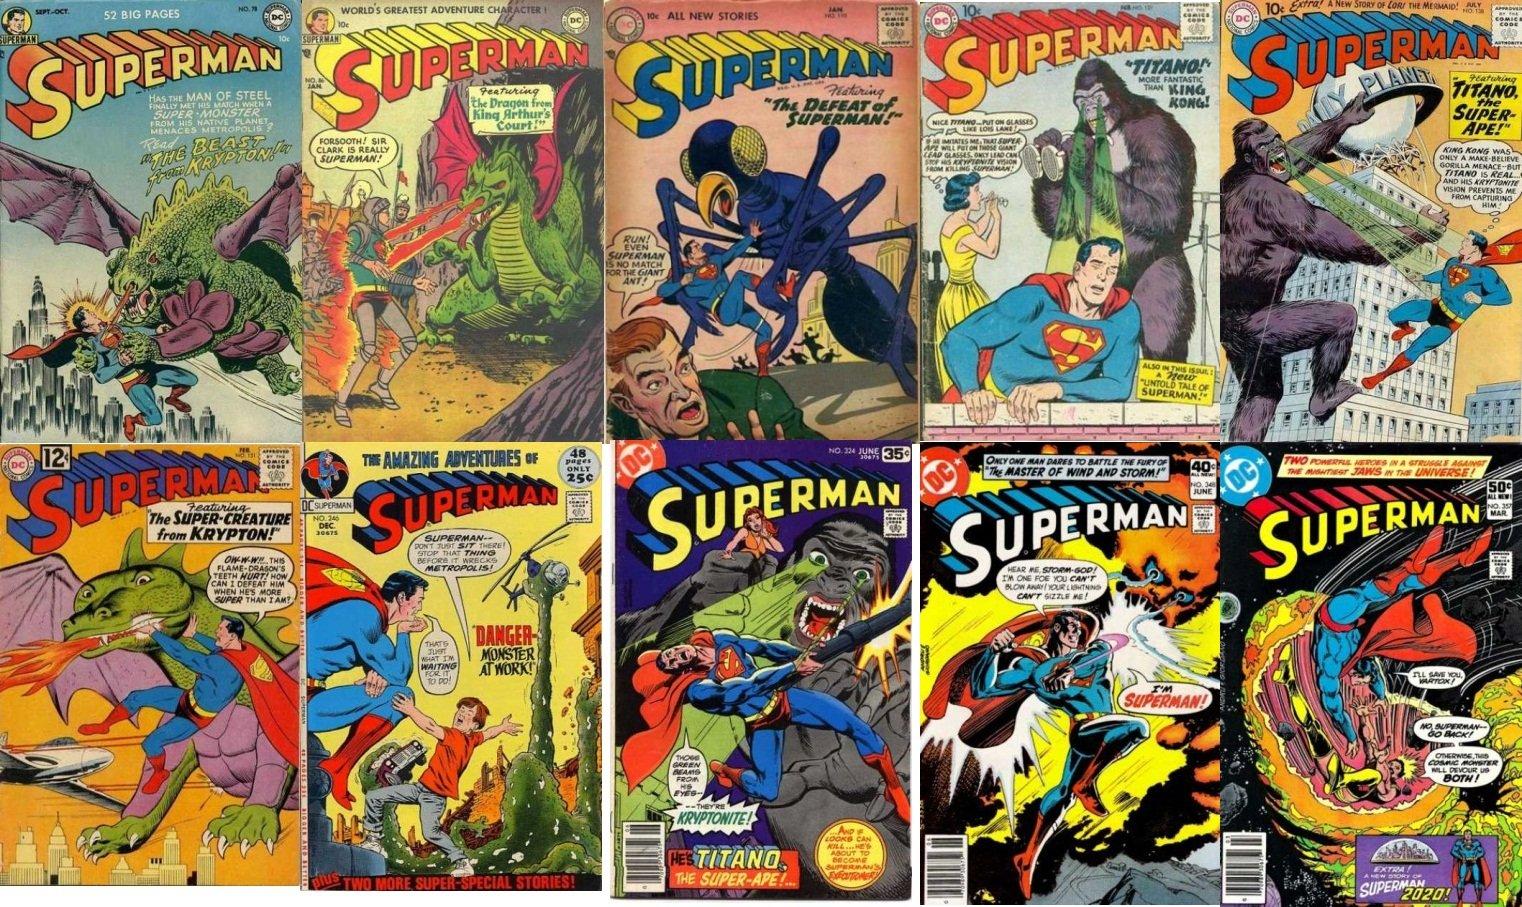 [Кинцо] Superman, или известнейший супергерой-фейл, часть 1 - Изображение 1